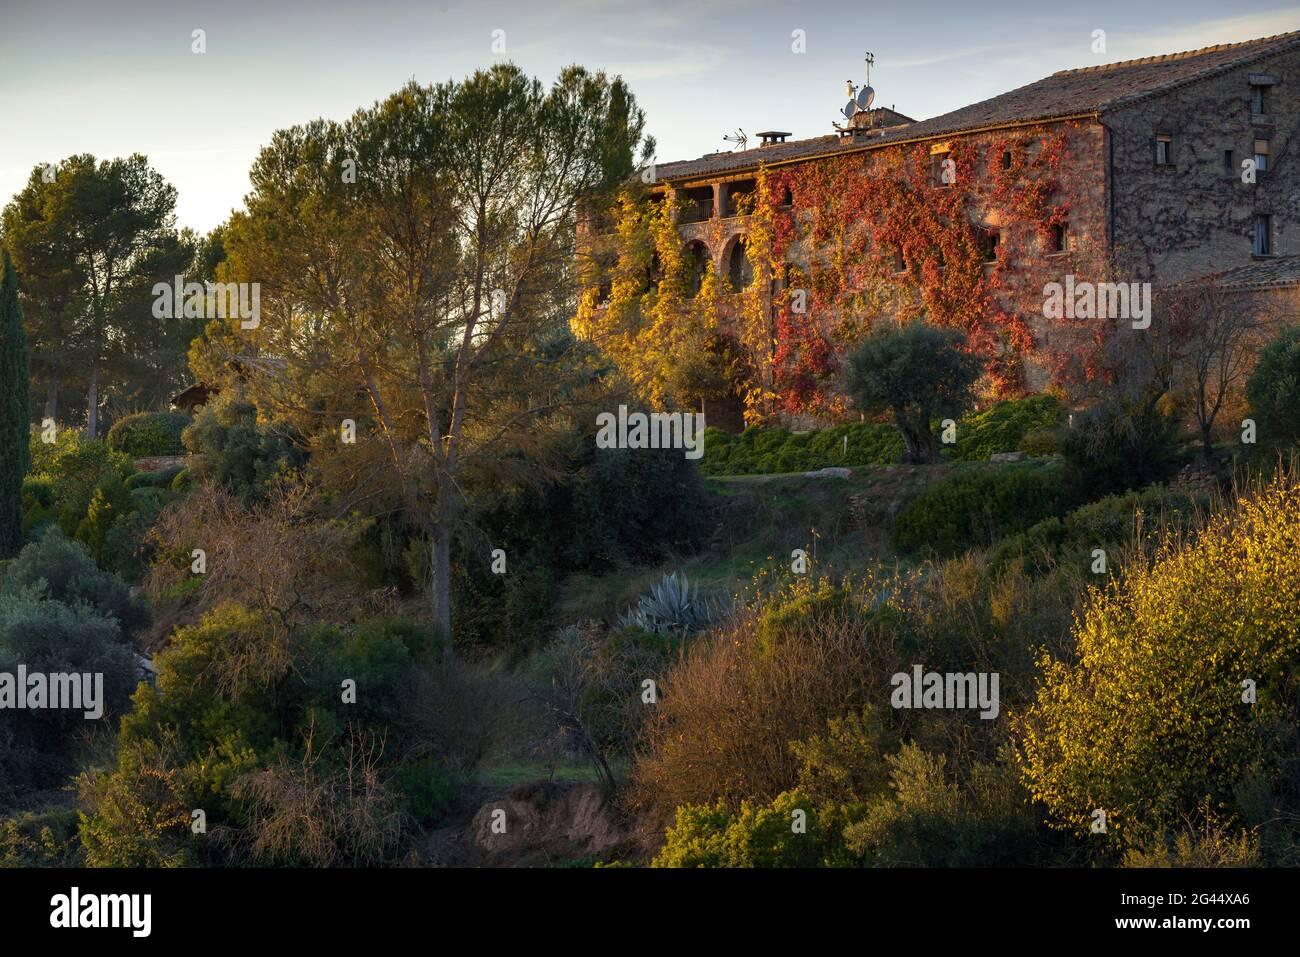 Coucher de soleil à la Garriga de Castelladral maison de campagne, un jour d'automne (Navàs, Barcelone, Catalogne, Espagne) ESP: Atardecer en la Garriga de Castelladral Banque D'Images